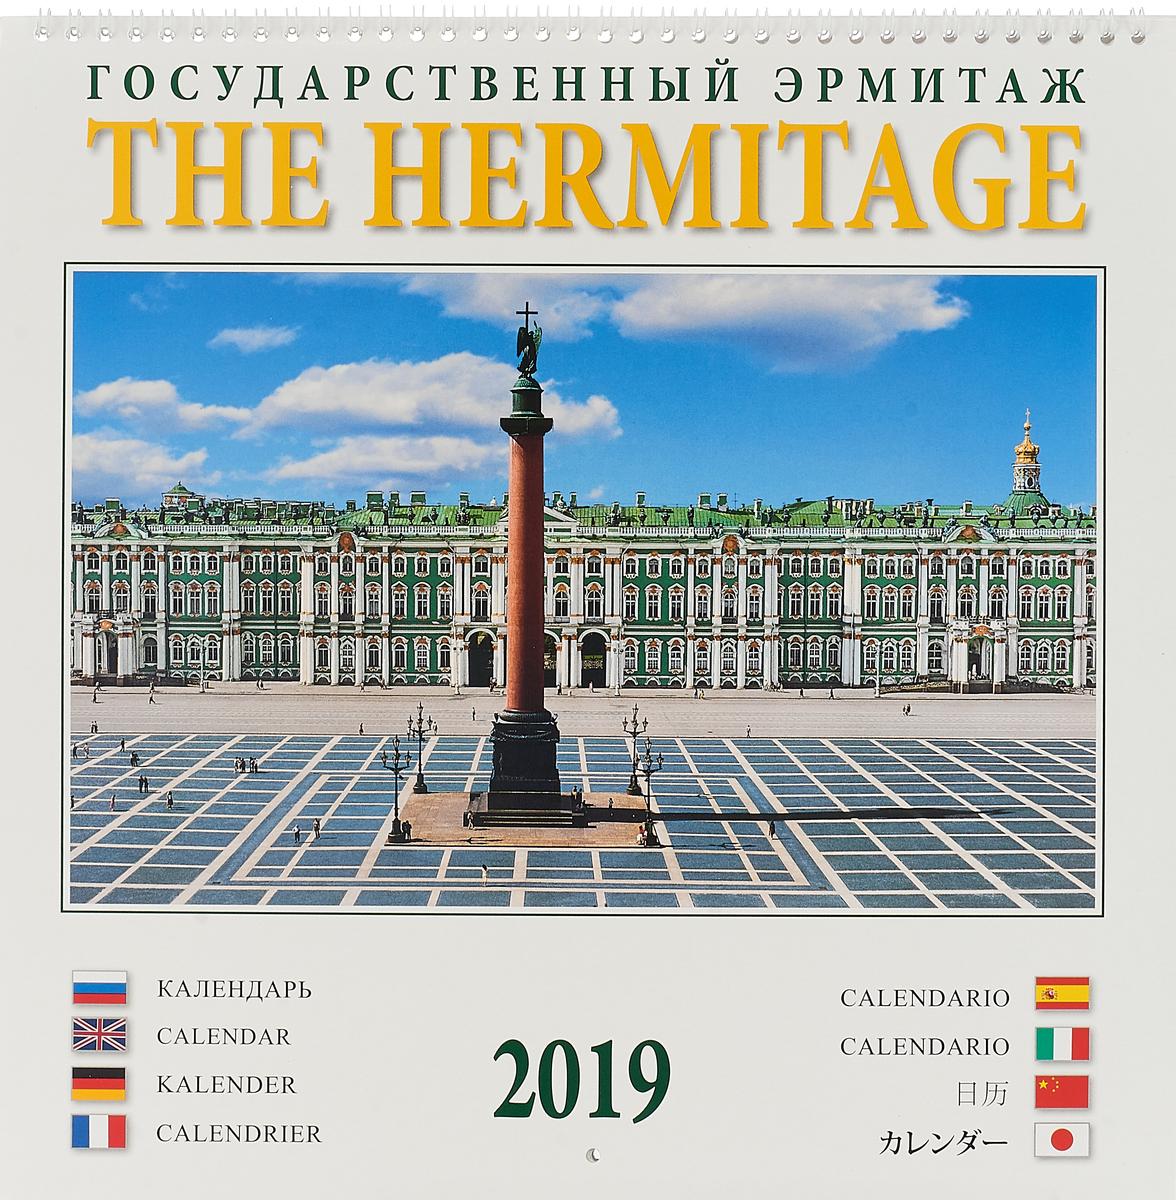 Календарь на спирали на 2019 год. Эрмитаж календарь на спирали на 2019 год москва